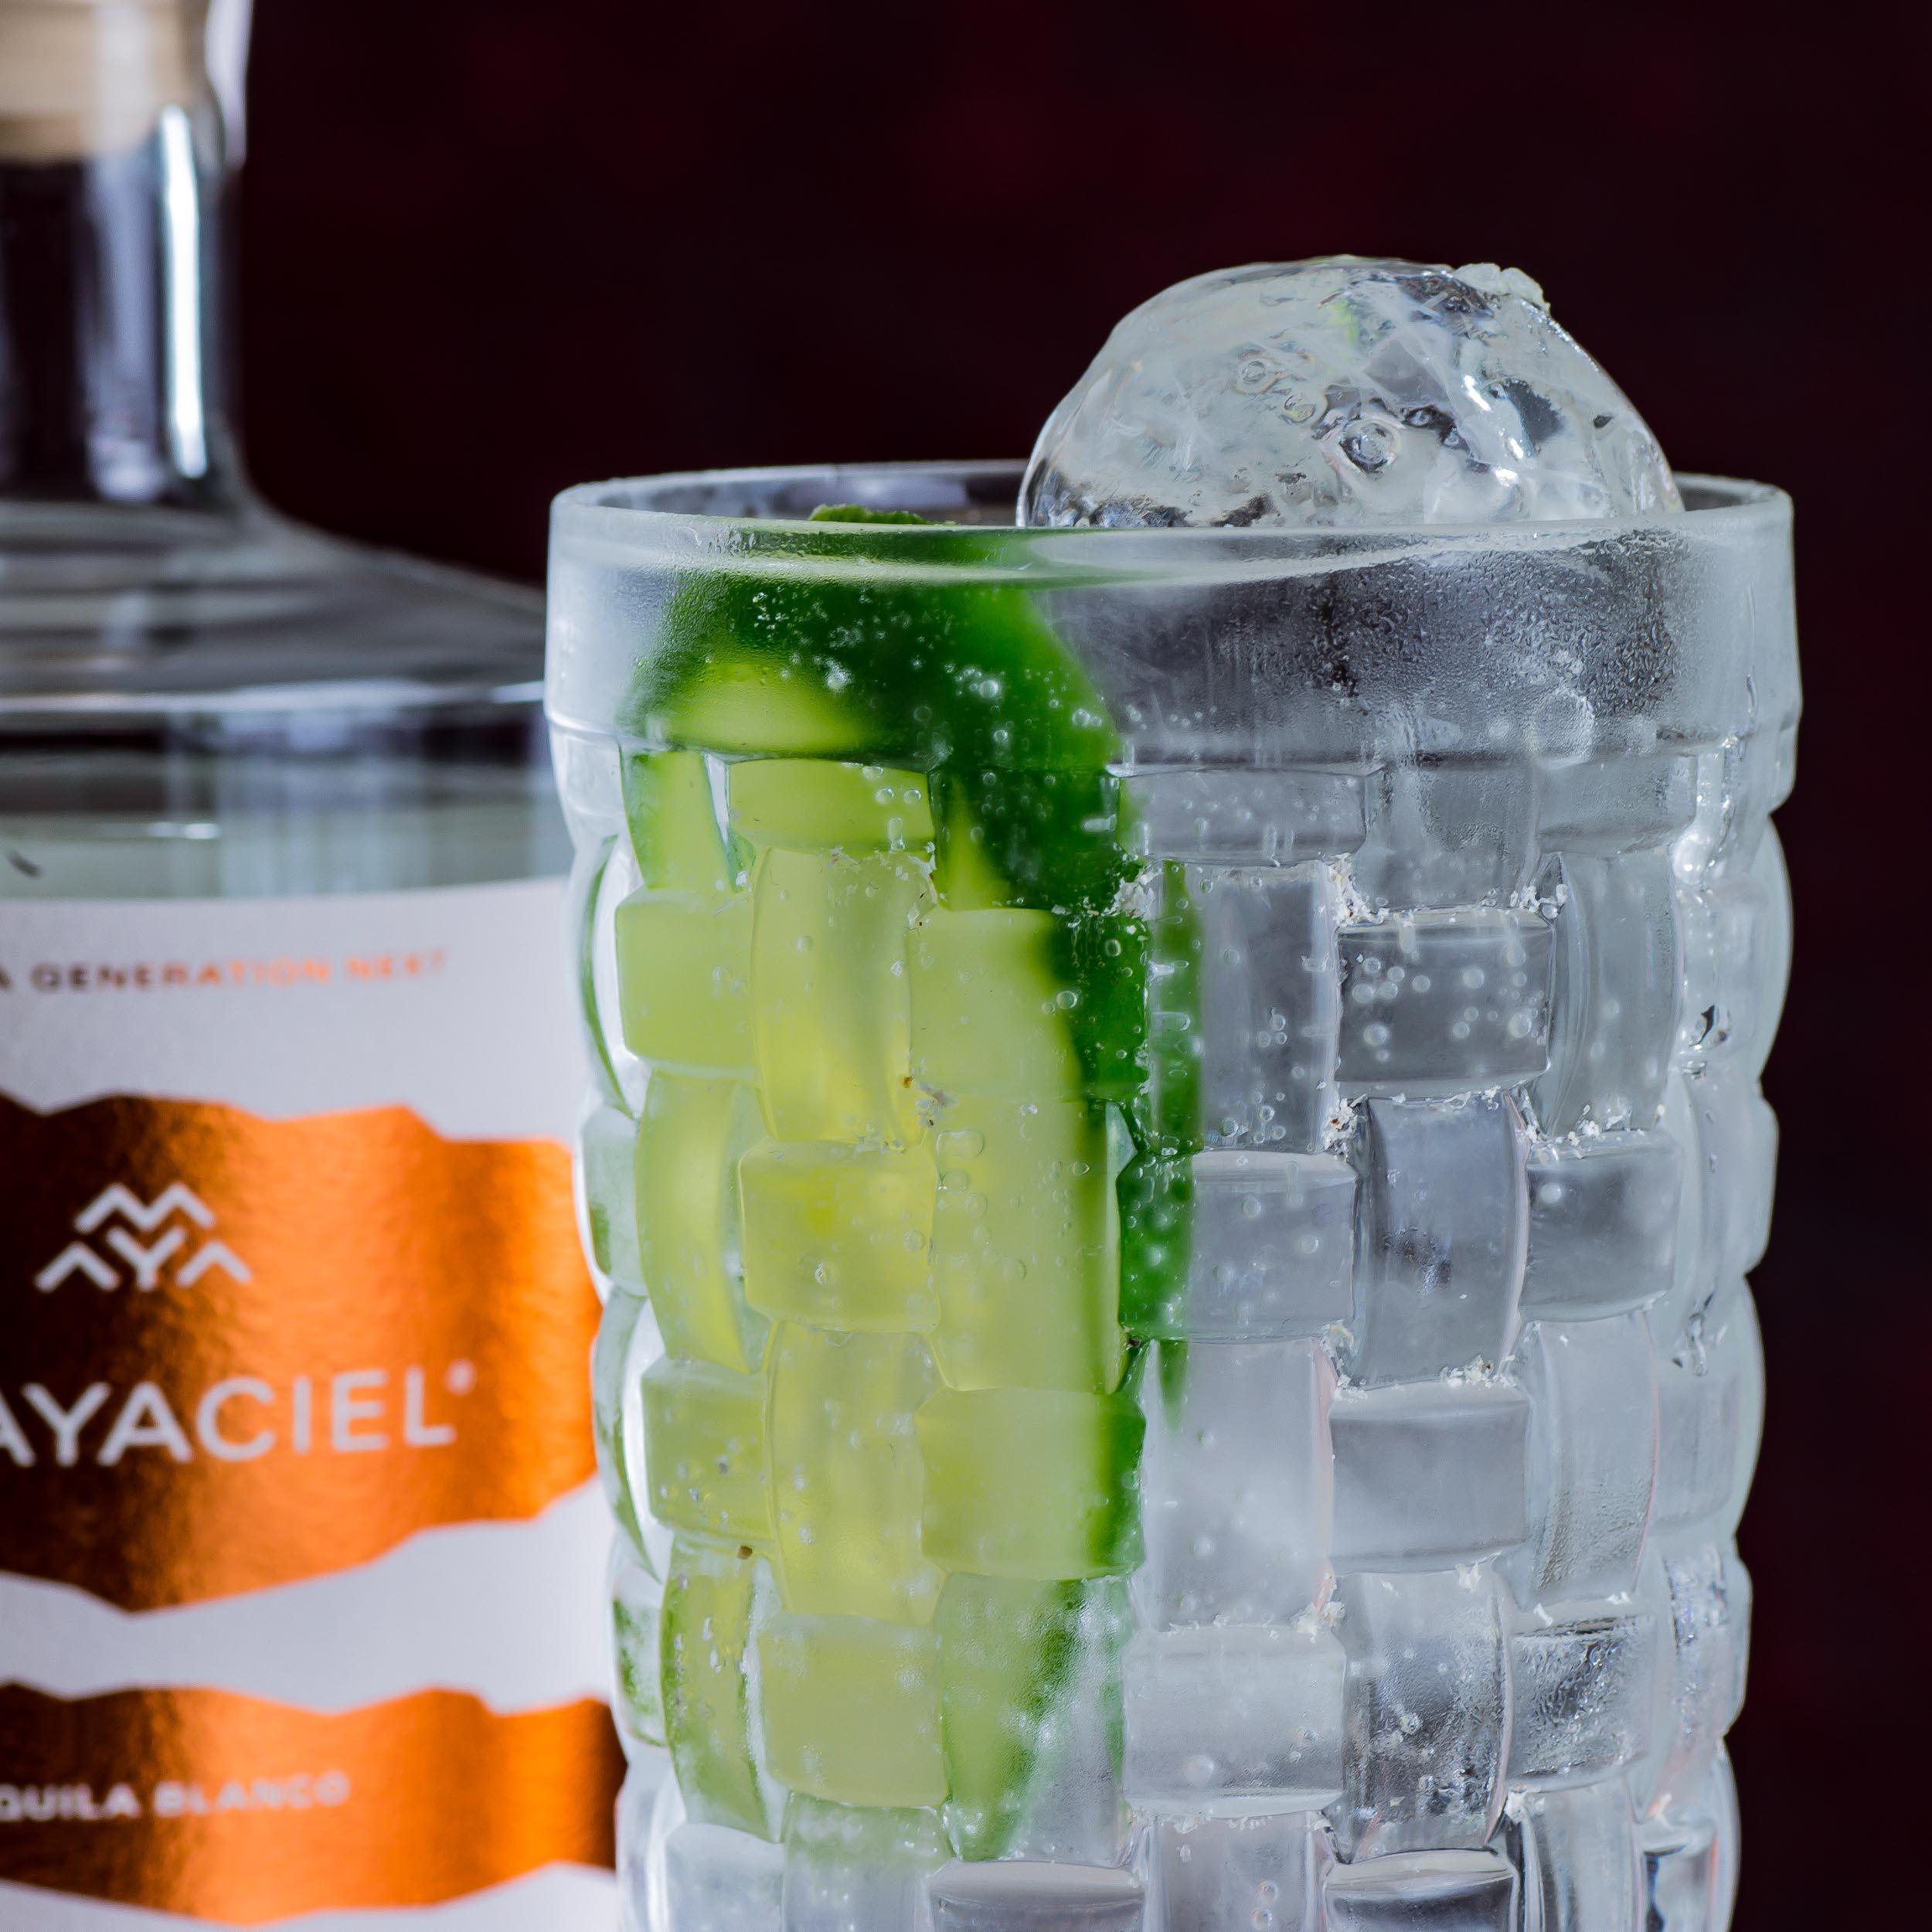 Mayaciel Tequila im Tequila & Tonic.